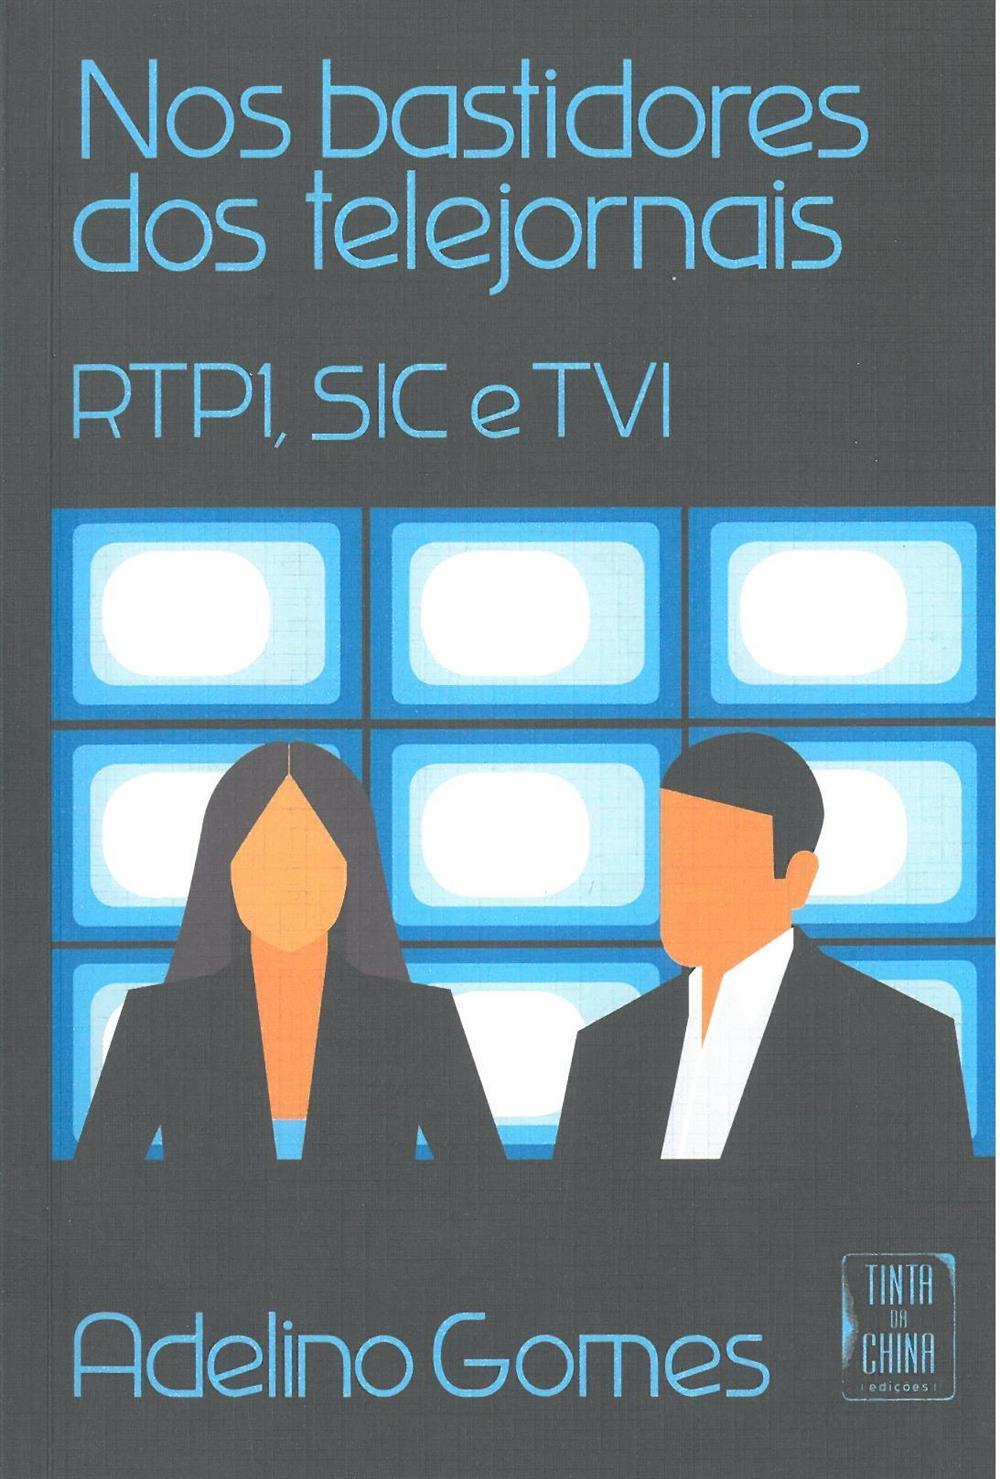 Nos bastidores dos telejornais_RTP1, SIC e TVI_.jpg